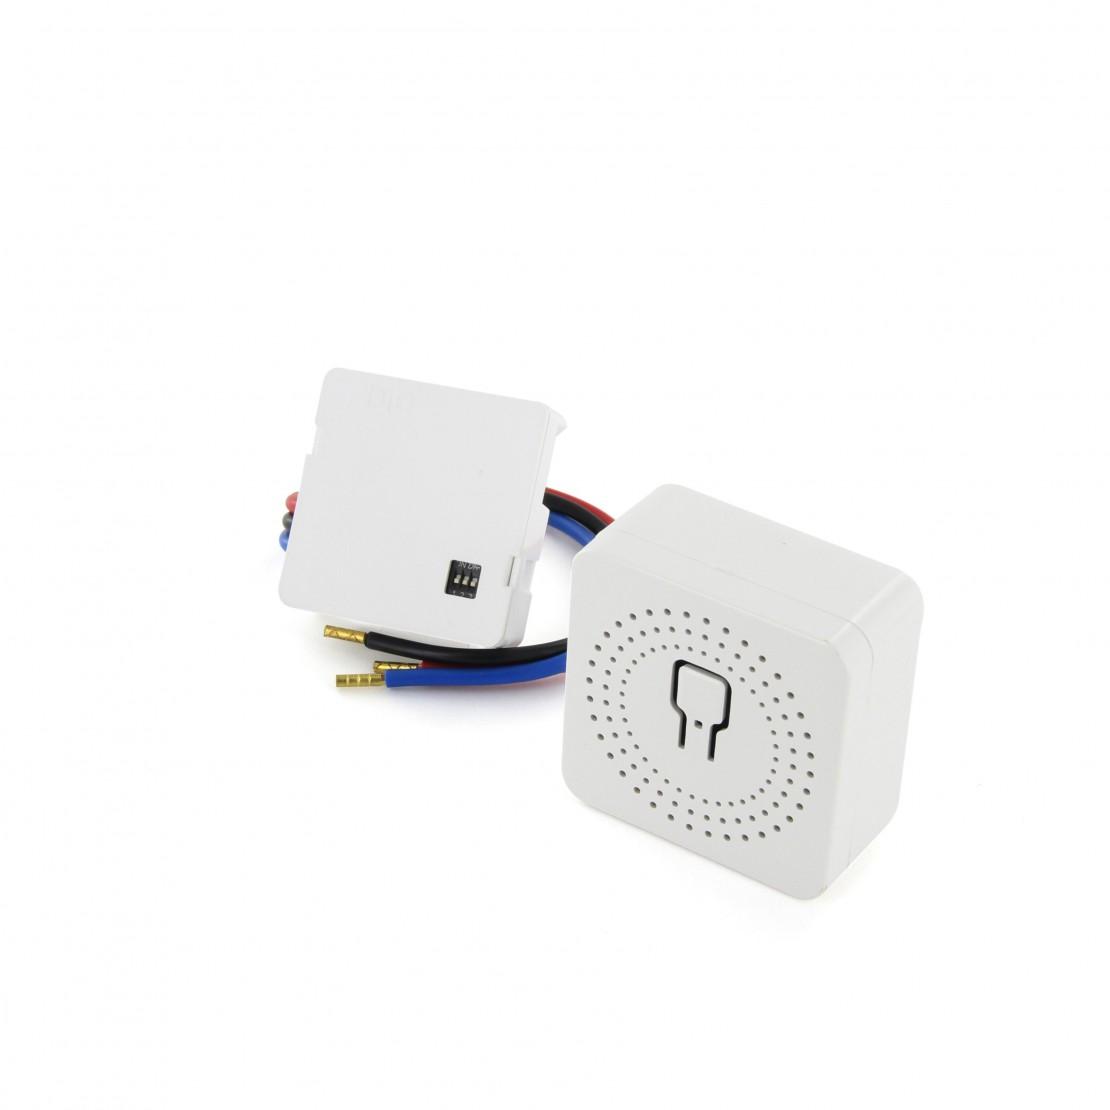 Pack discret verlichting DiO 2.0Verlichtingmodule & zendmodule